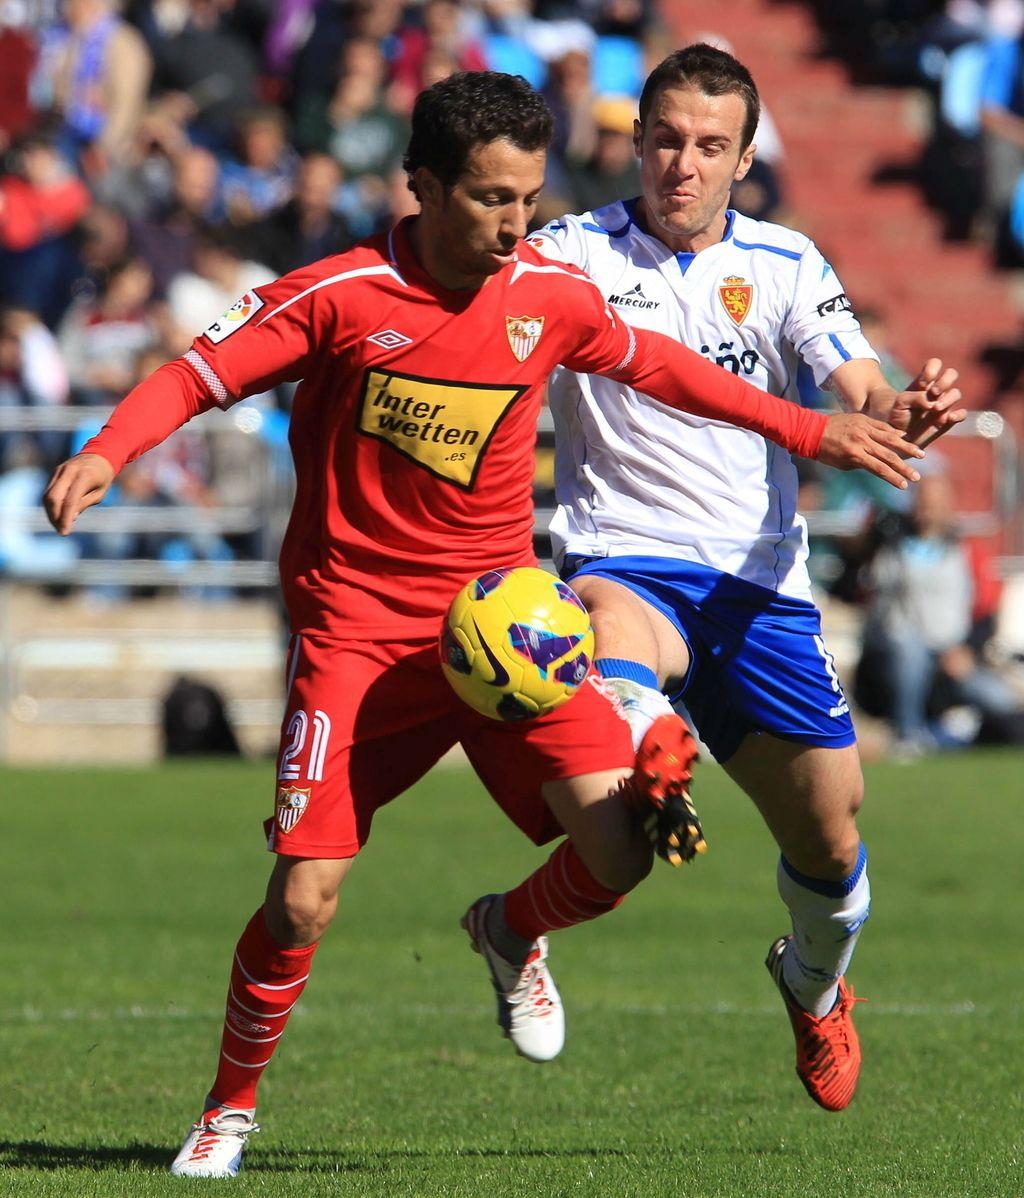 El Zaragoza se enfrenta al Sevilla en La Romareda. Foto: EFE